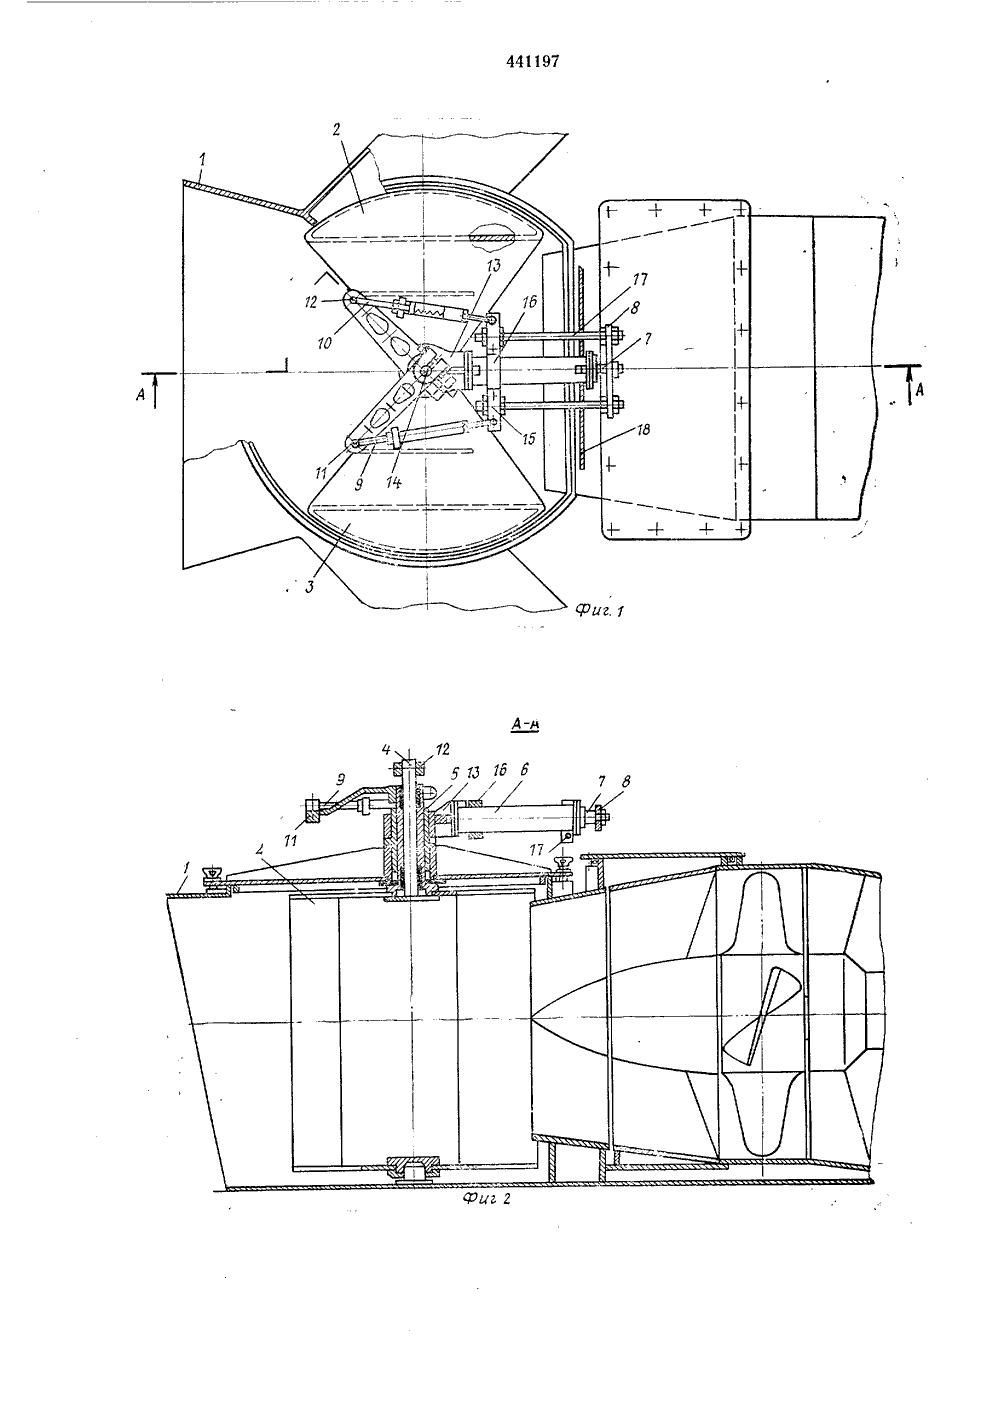 High Tech Защита подвесного лодочного мотора (ПЛМ) 73